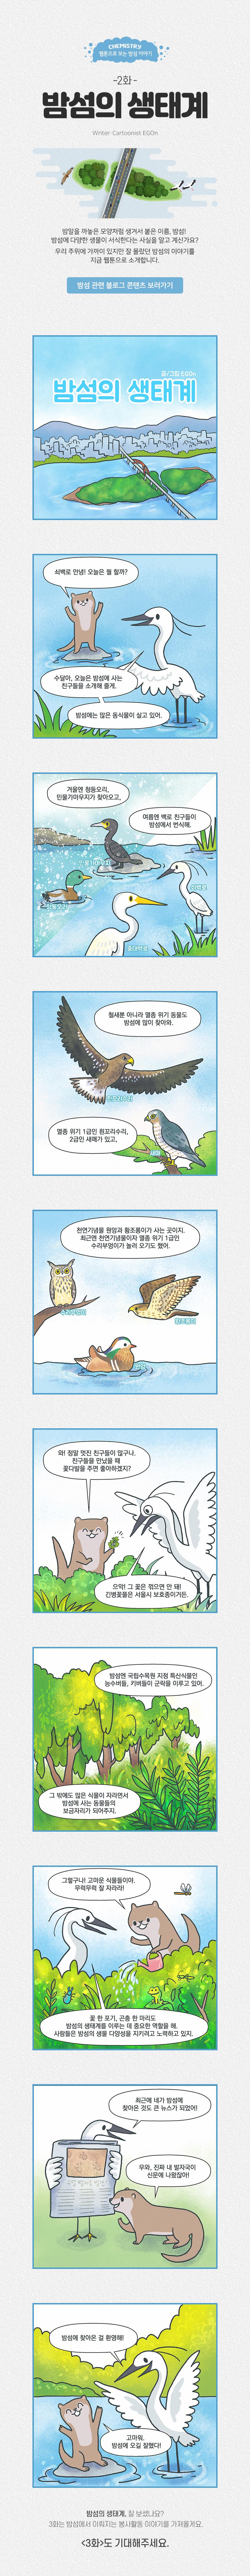 웹툰으로 보는 밤섬이야기 2화 본문